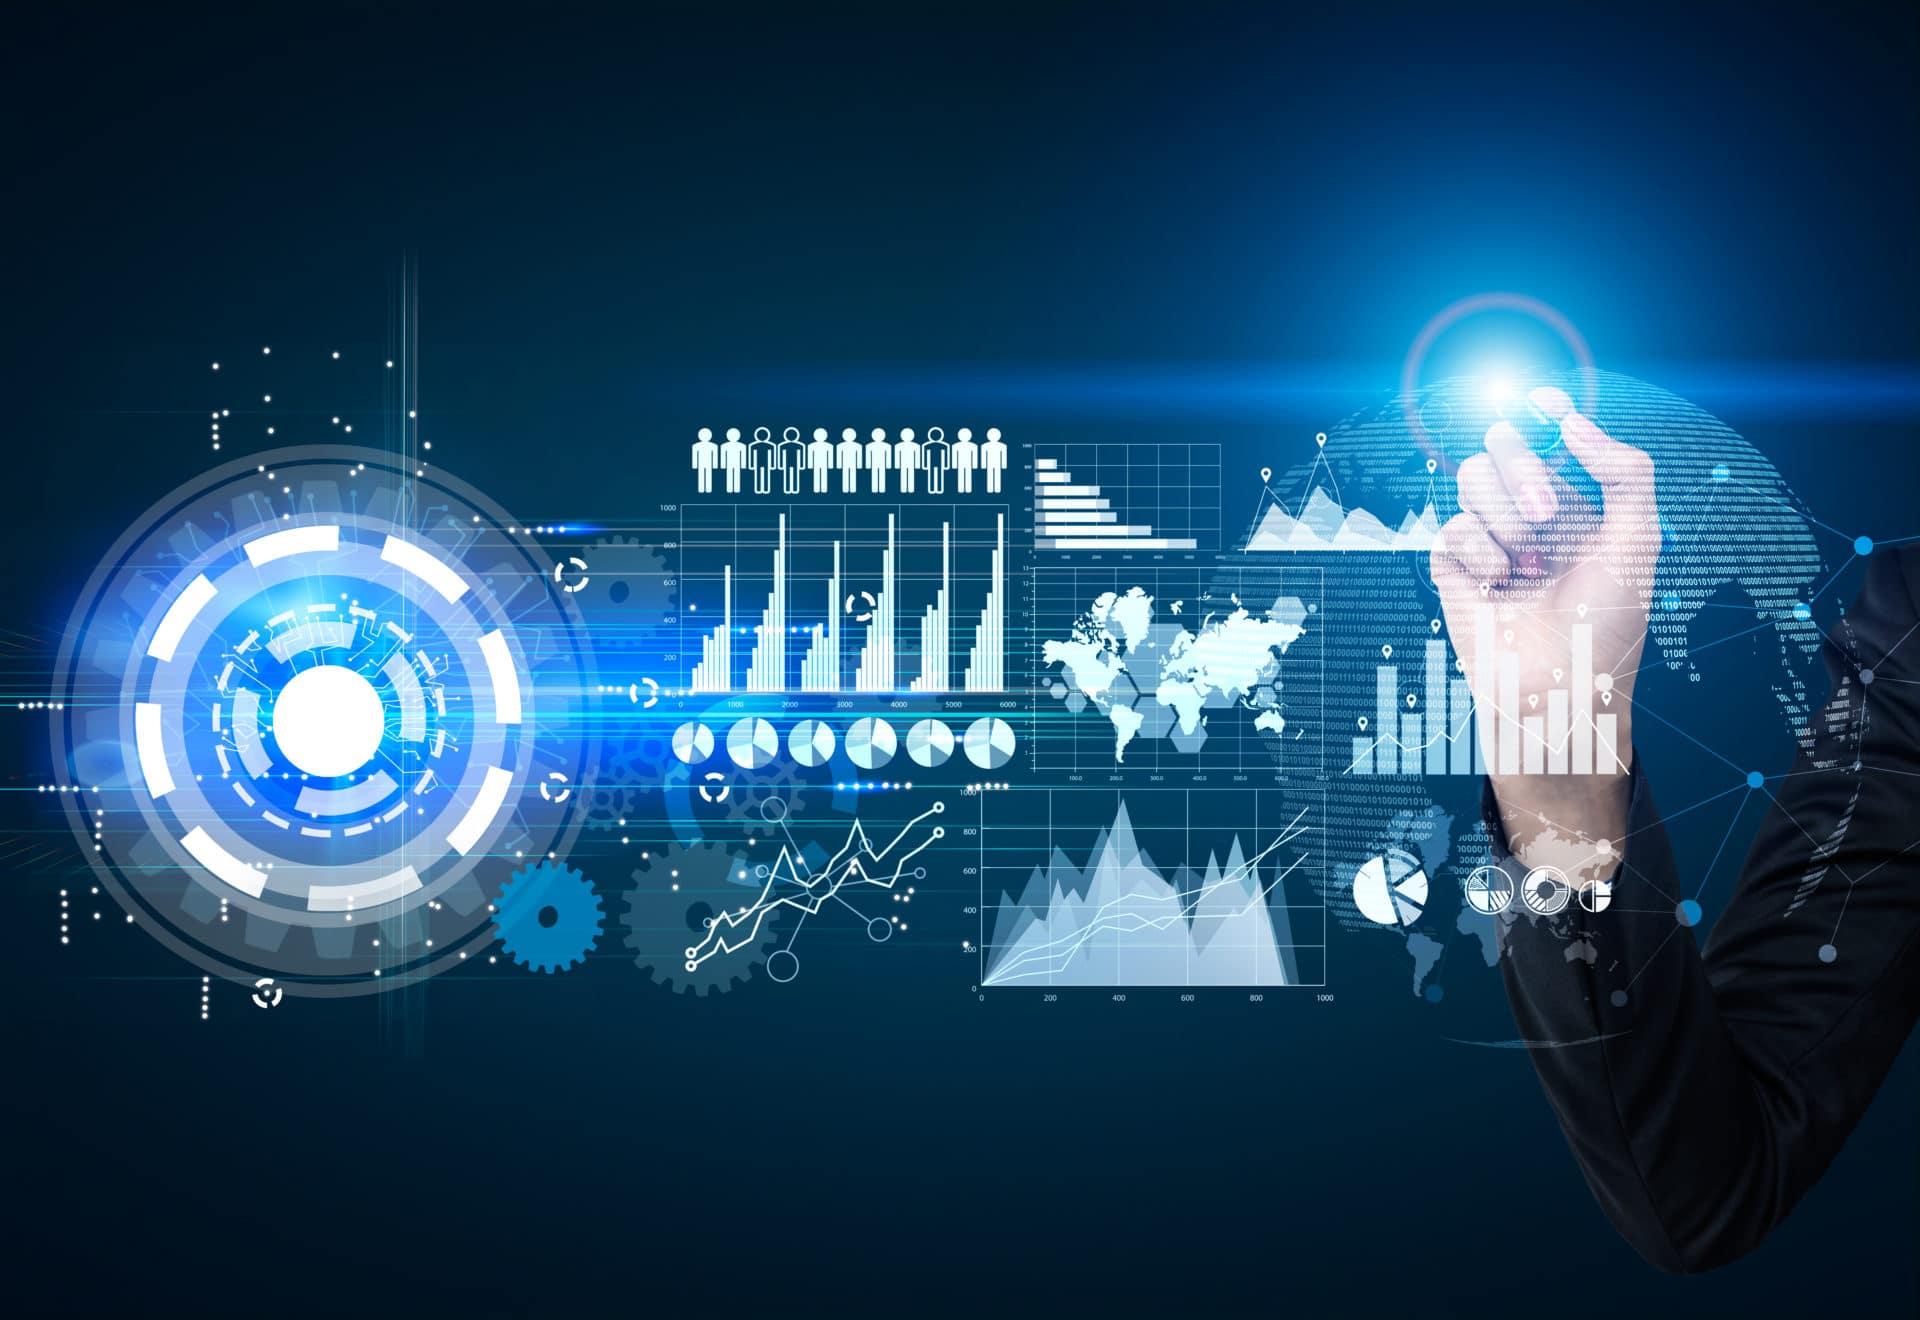 Einer der Treiber der digitalen Transformation von Unternehmen sind Advanced Analytics: Wir haben uns mit der Theorie beschäftigt und praktische Anwendungsfälle zusammengefasst.